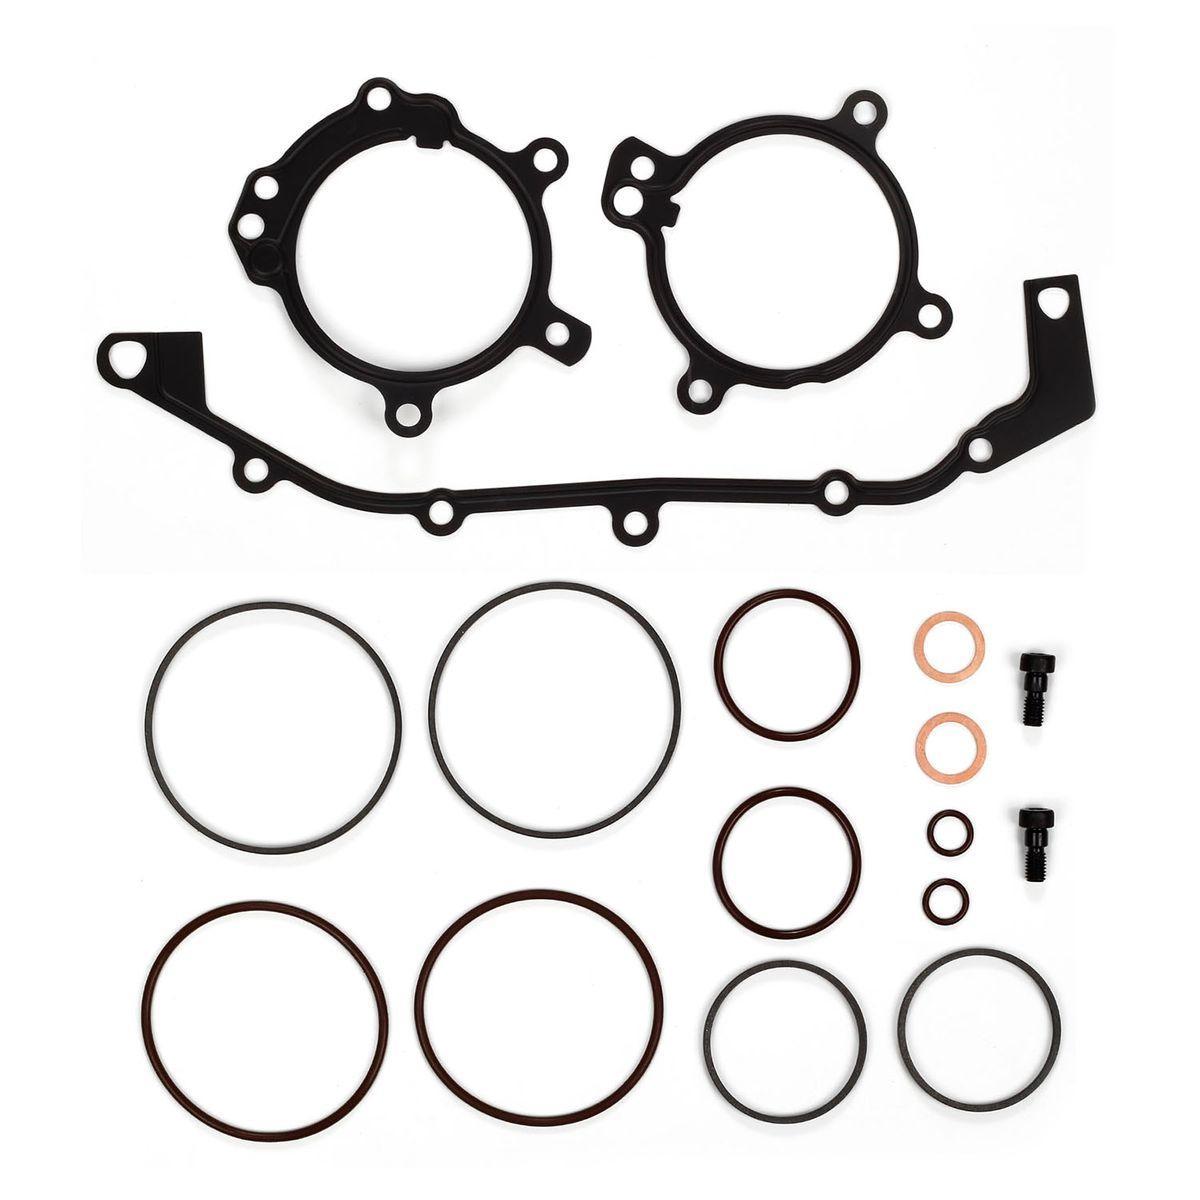 VANOS O-Ring Seal Repair Kit Fits BMW E36 E39 E46 E53 E60